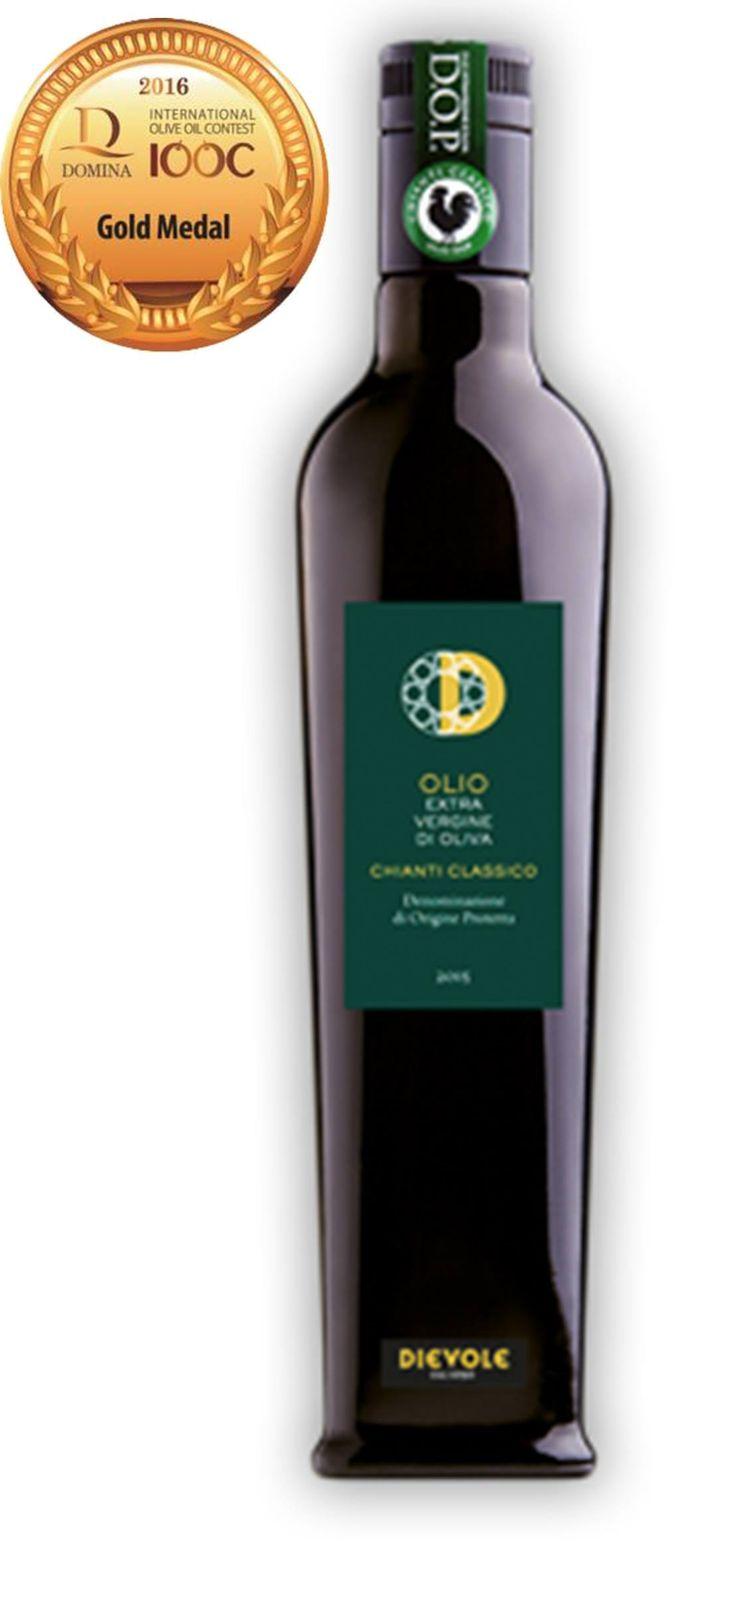 Olio Di Dievole Olio Extravergine Di Oliva Dop Chianti Classico Leccino Gold Medal al D-IOOC